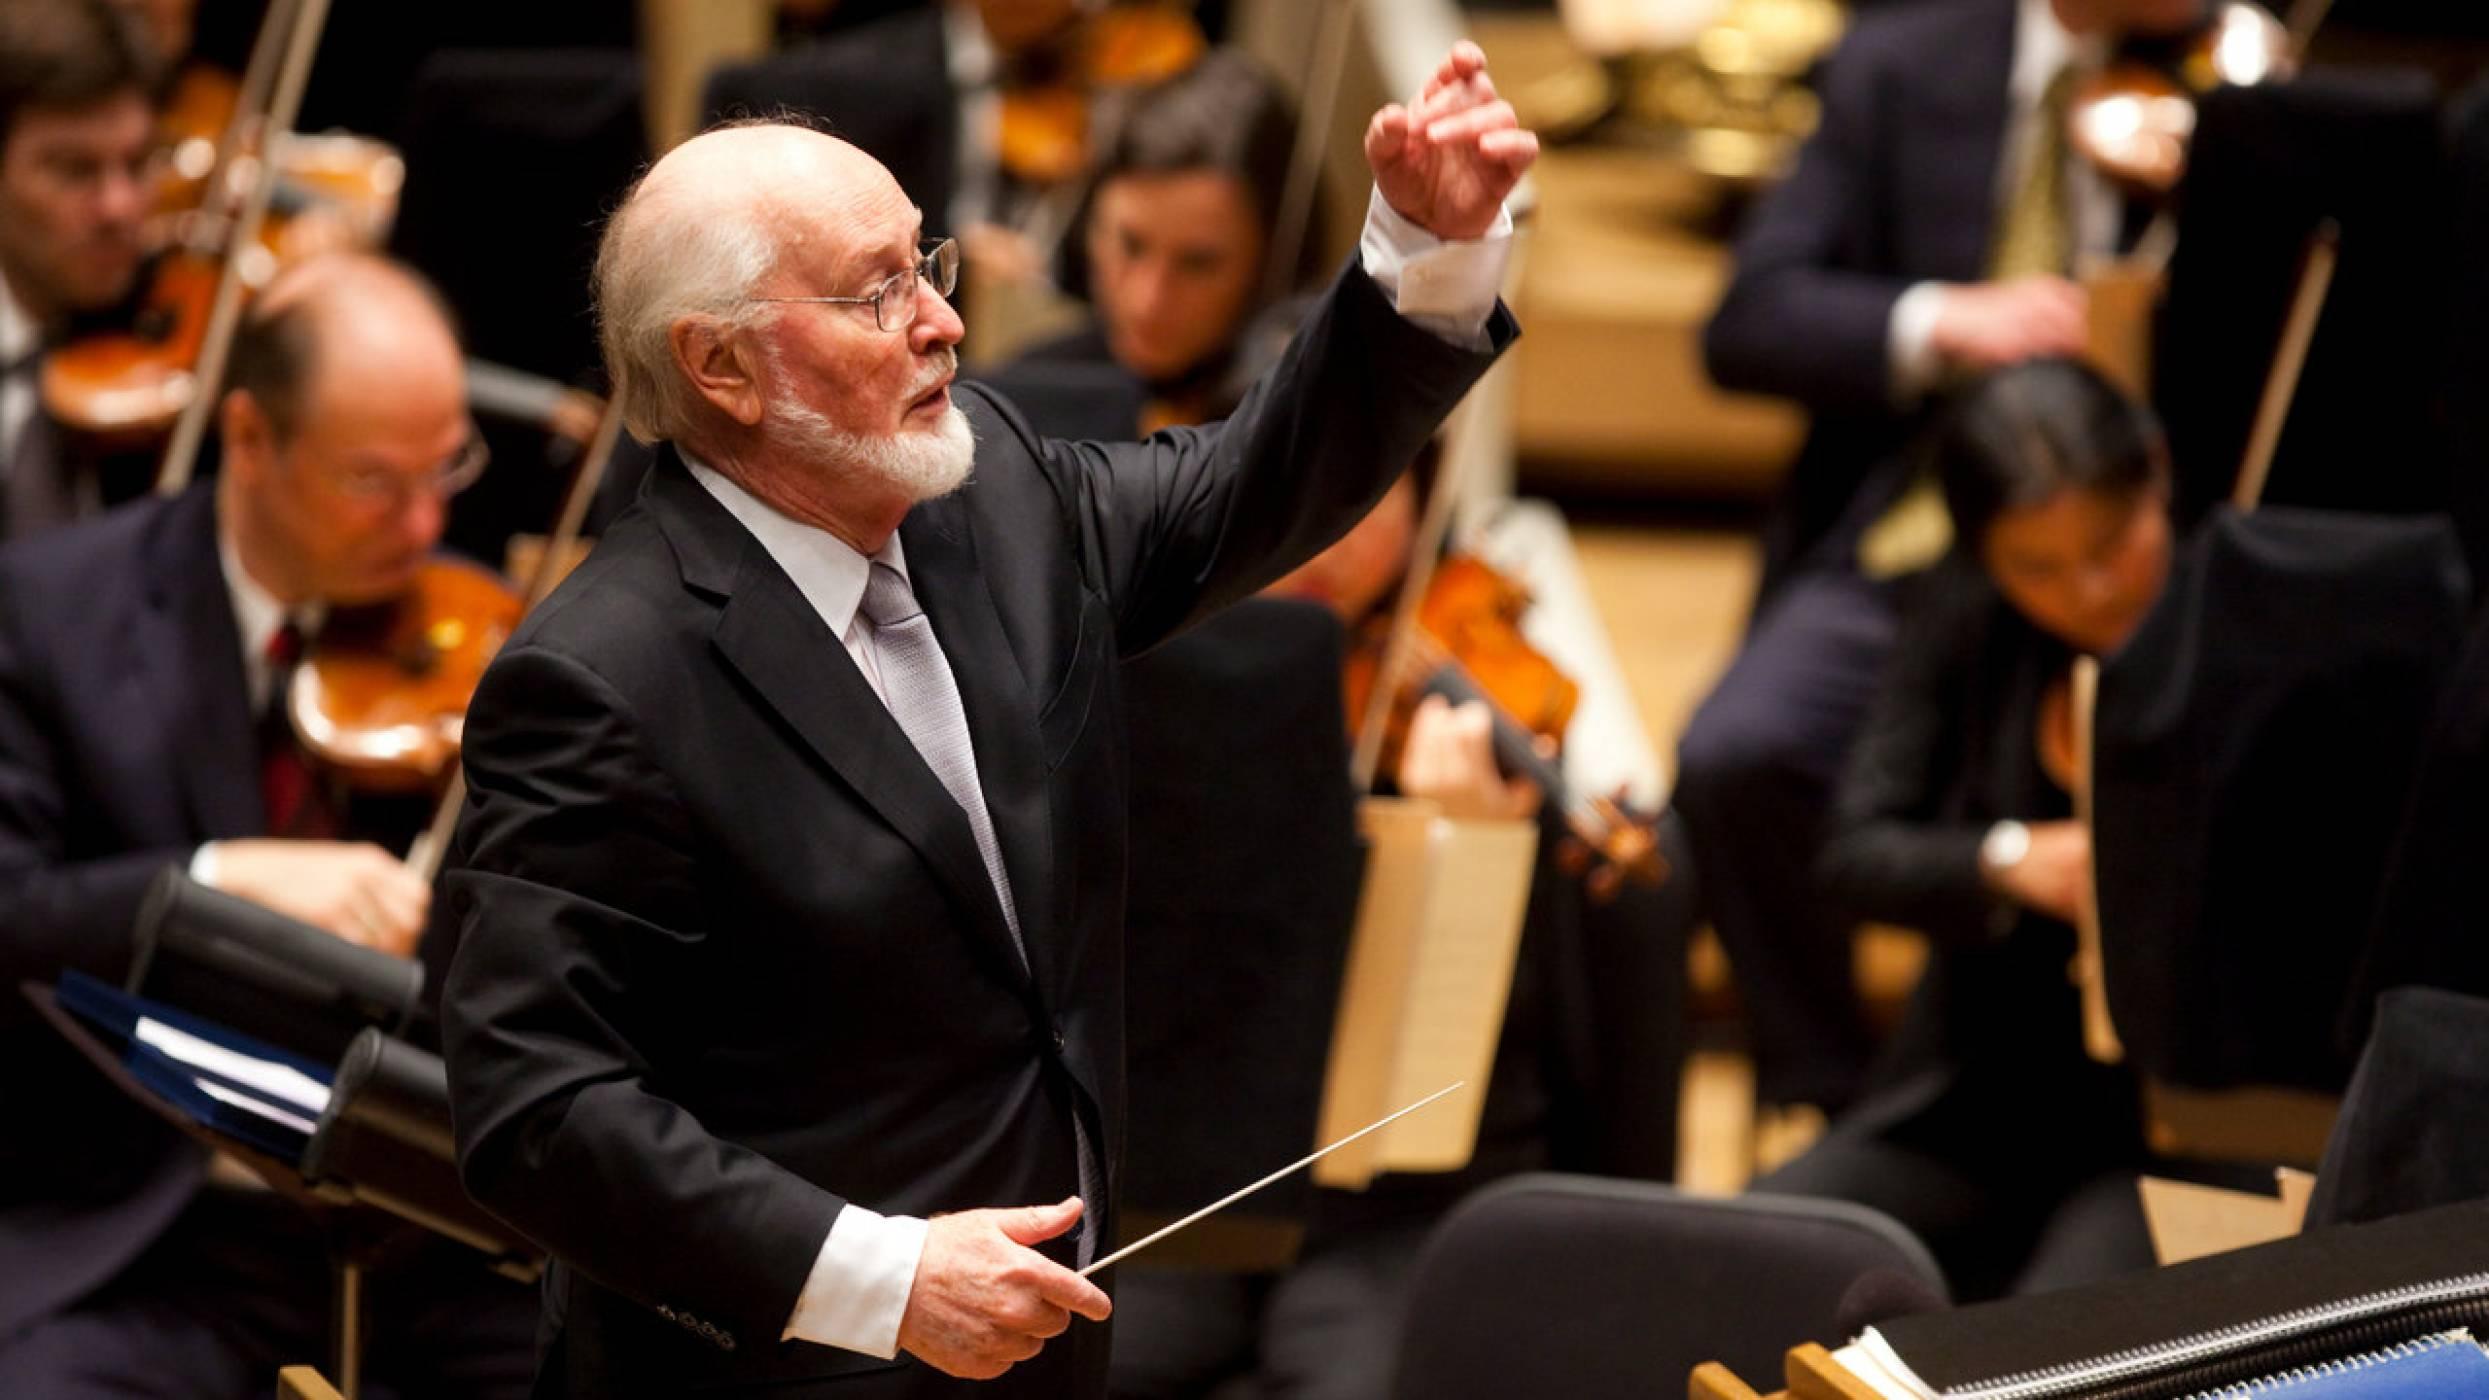 Легендарният композитор Джон Уилямс отлага концертите си в Лондон и Виена поради болест